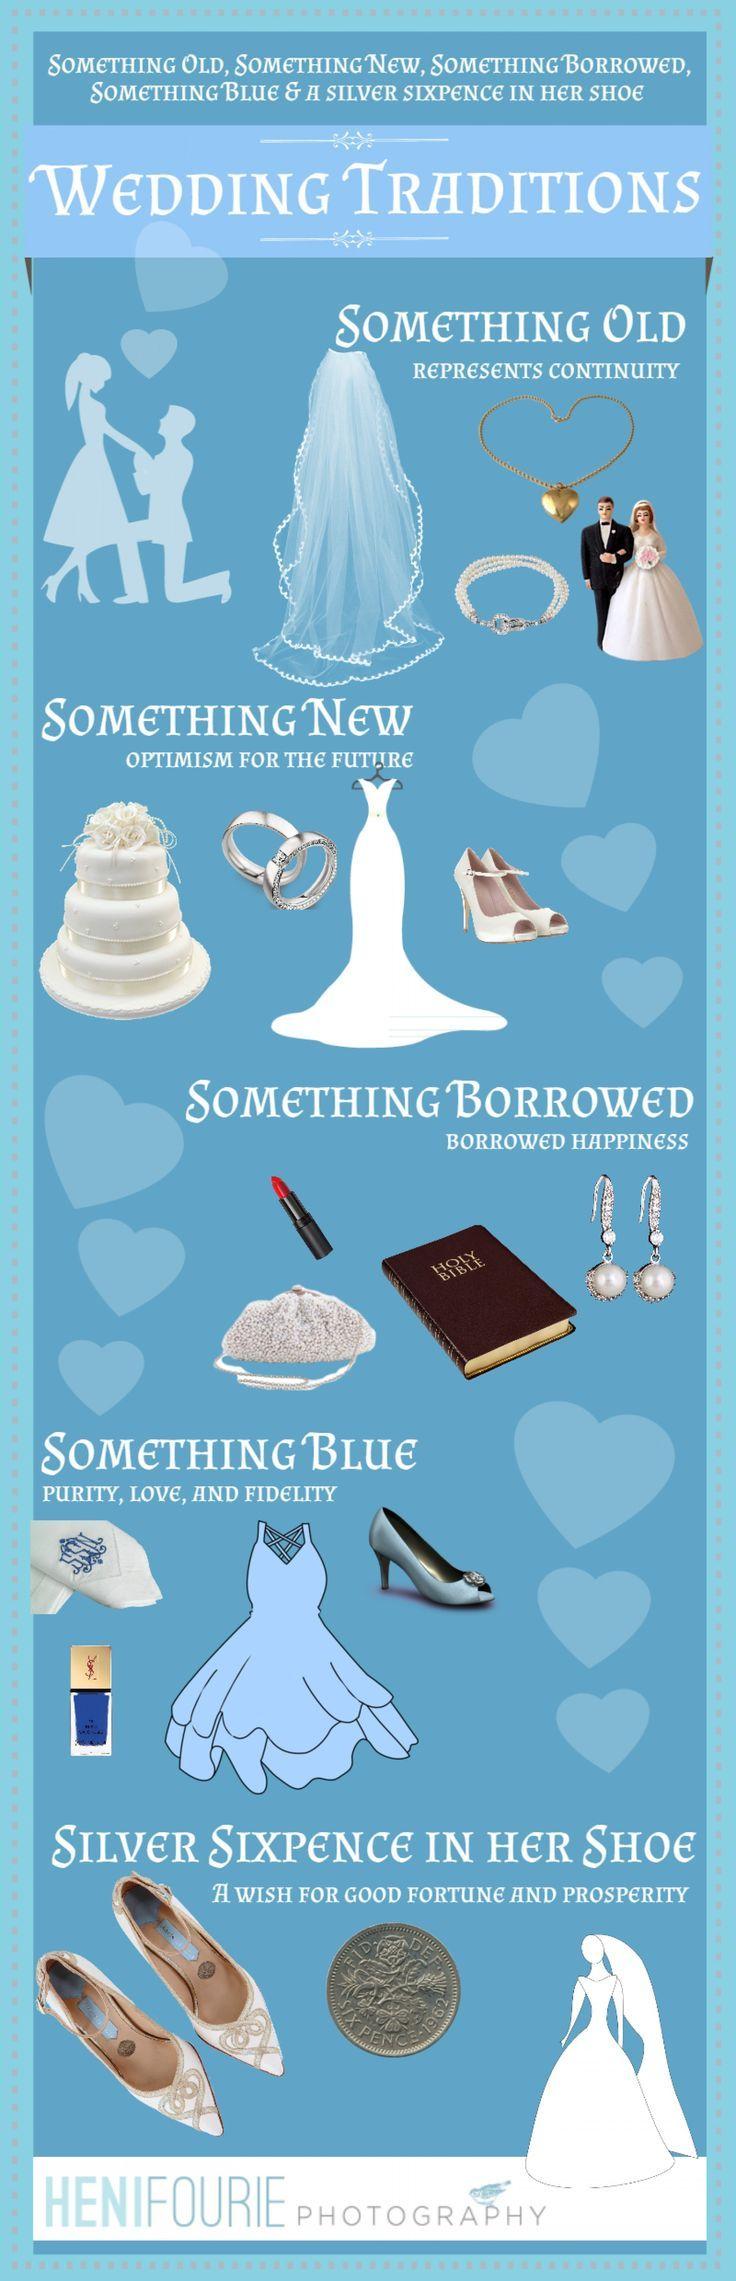 Something old, something new, something borrowed, something blue & a sixpence in her shoe http://www.henifouriephotography.co.uk